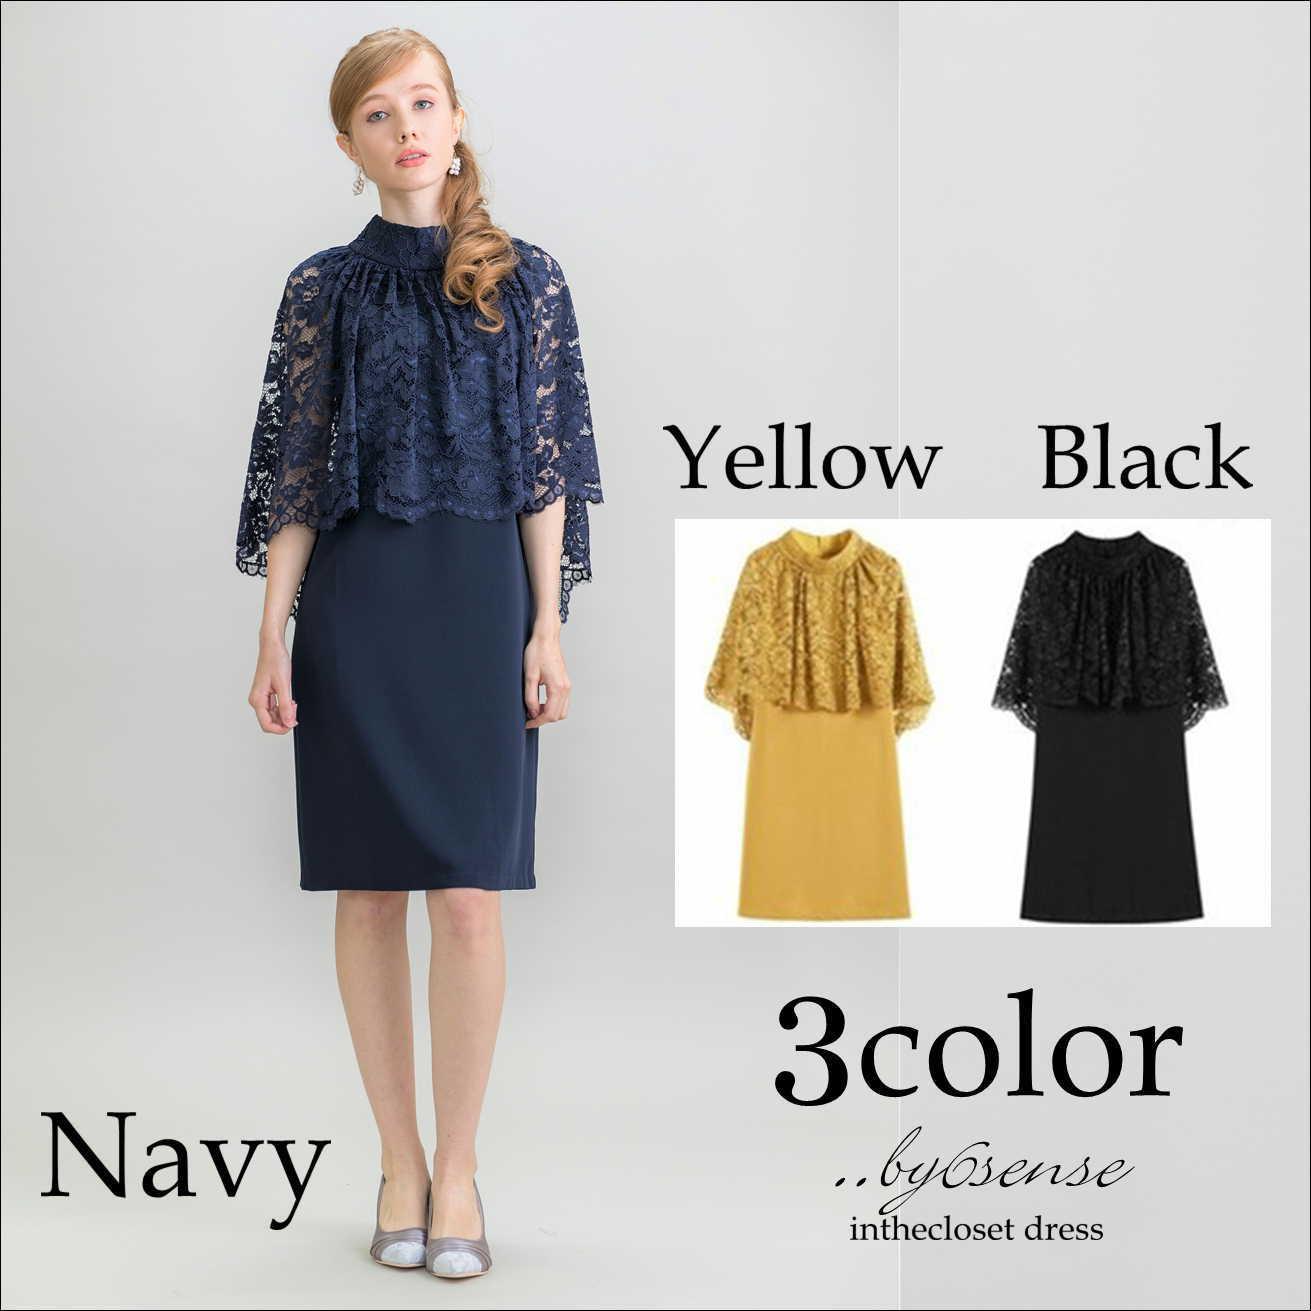 ケープ風レースワンピ―スドレス Sサイズ~ Lサイズ black 4色展開